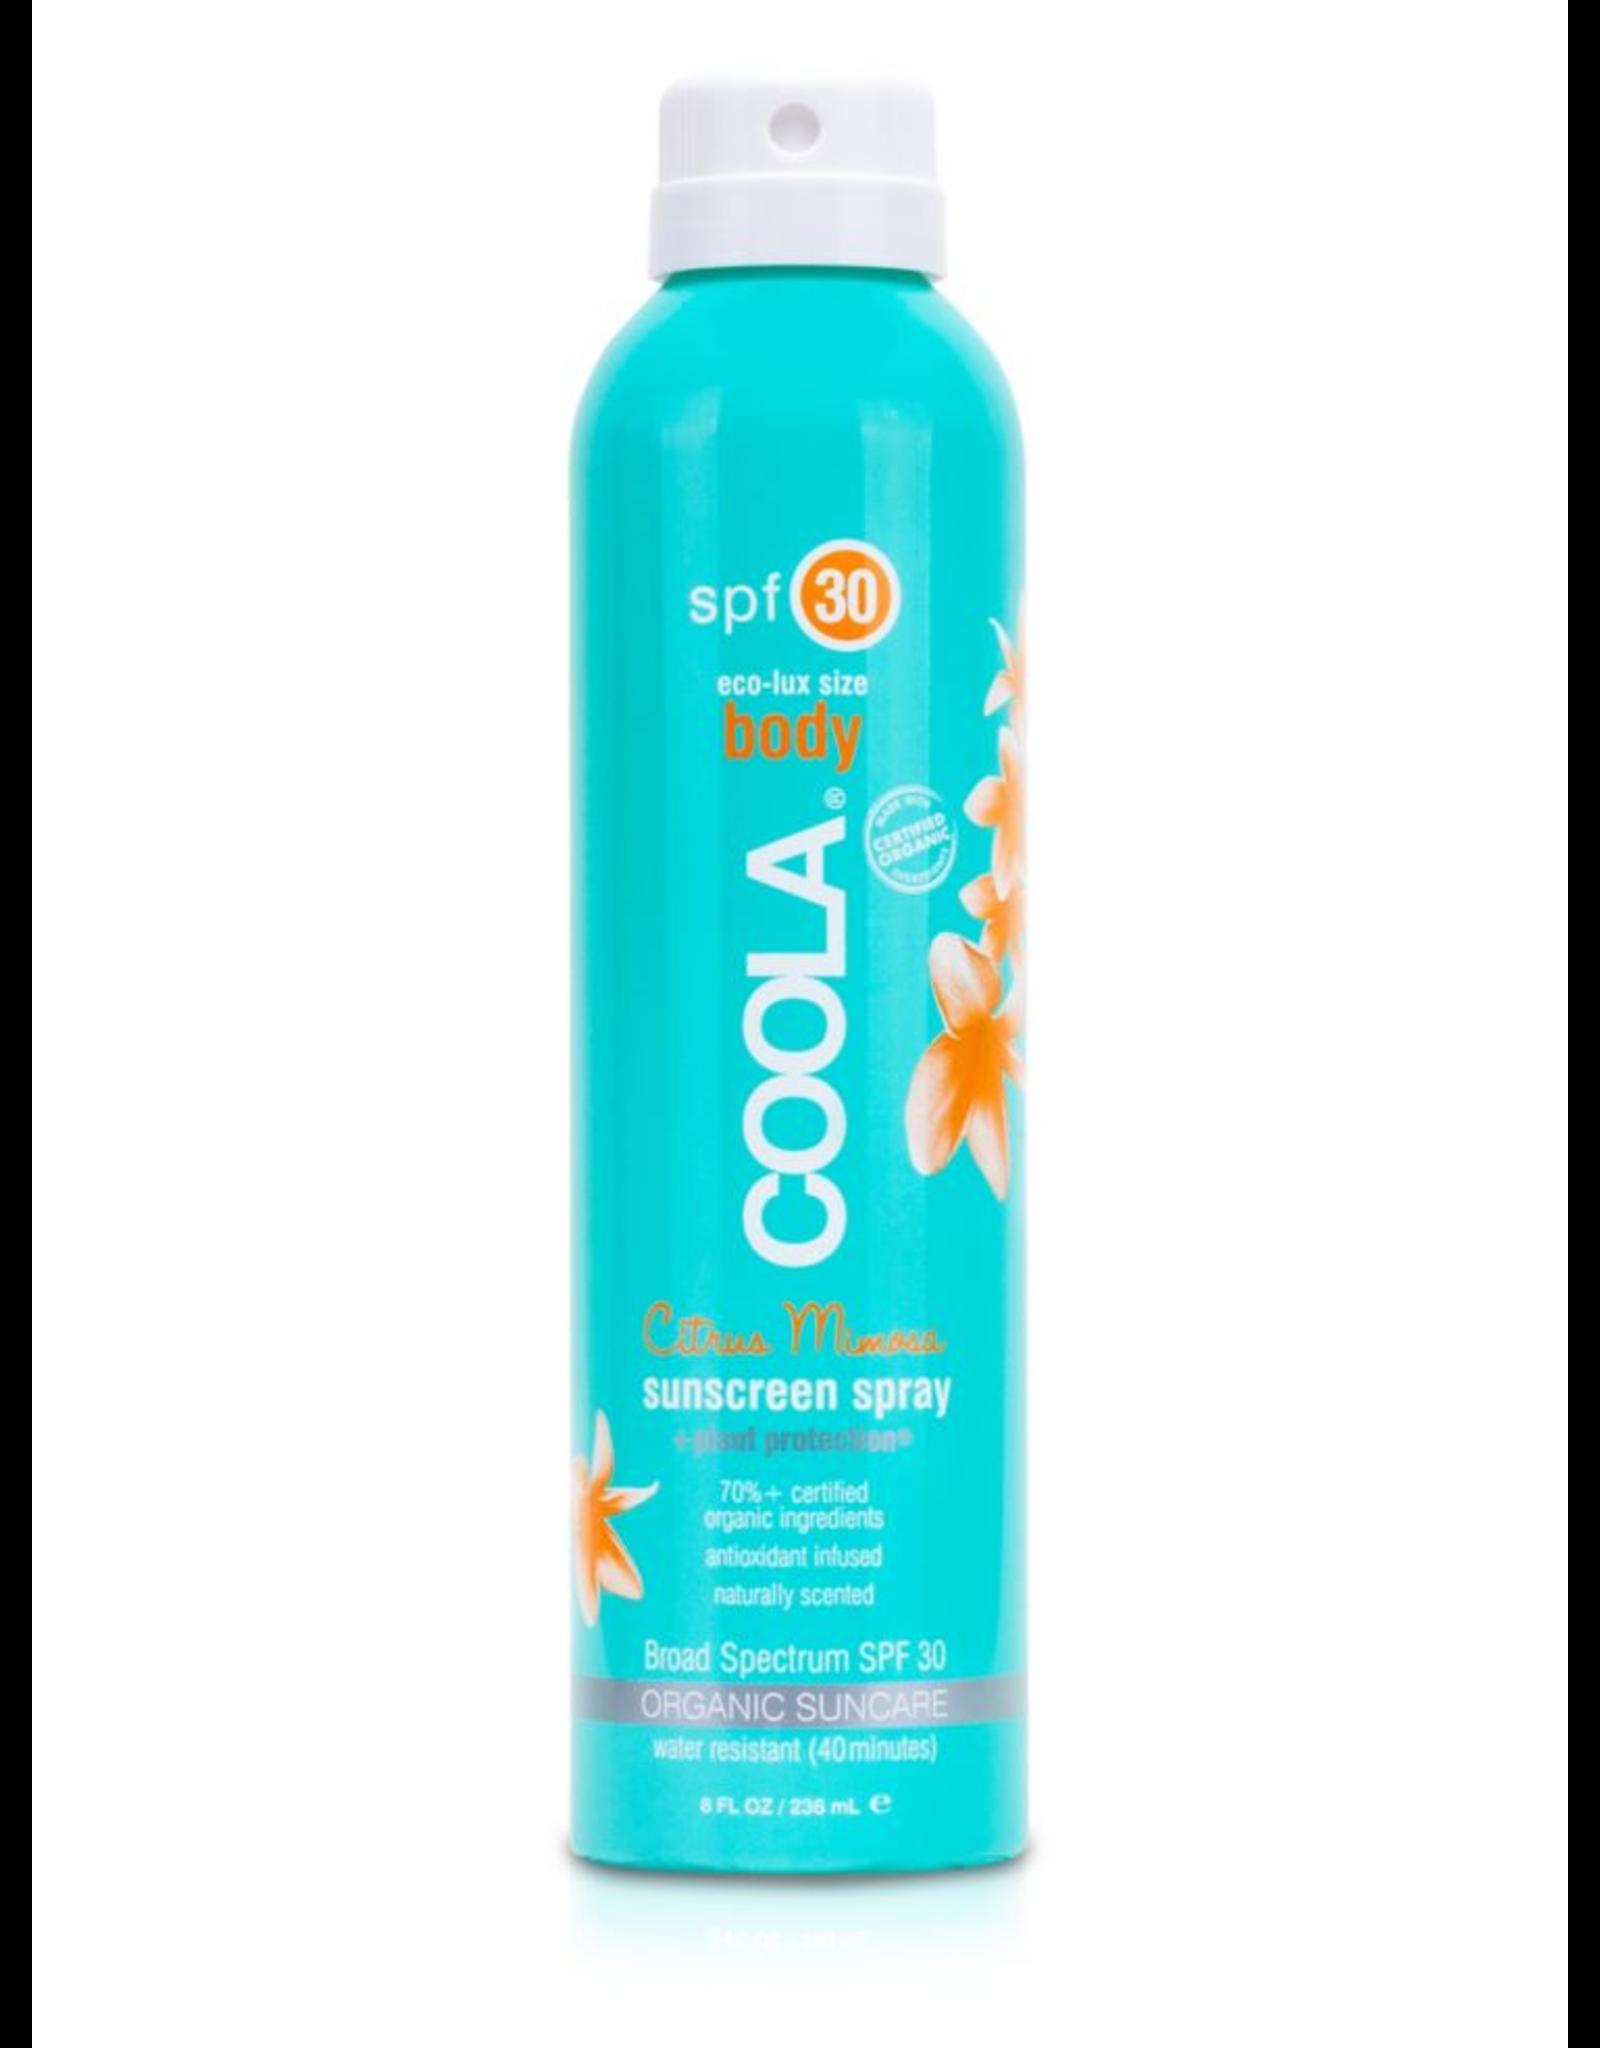 Coola Body SPF 30 Suncreen Spray 236ml